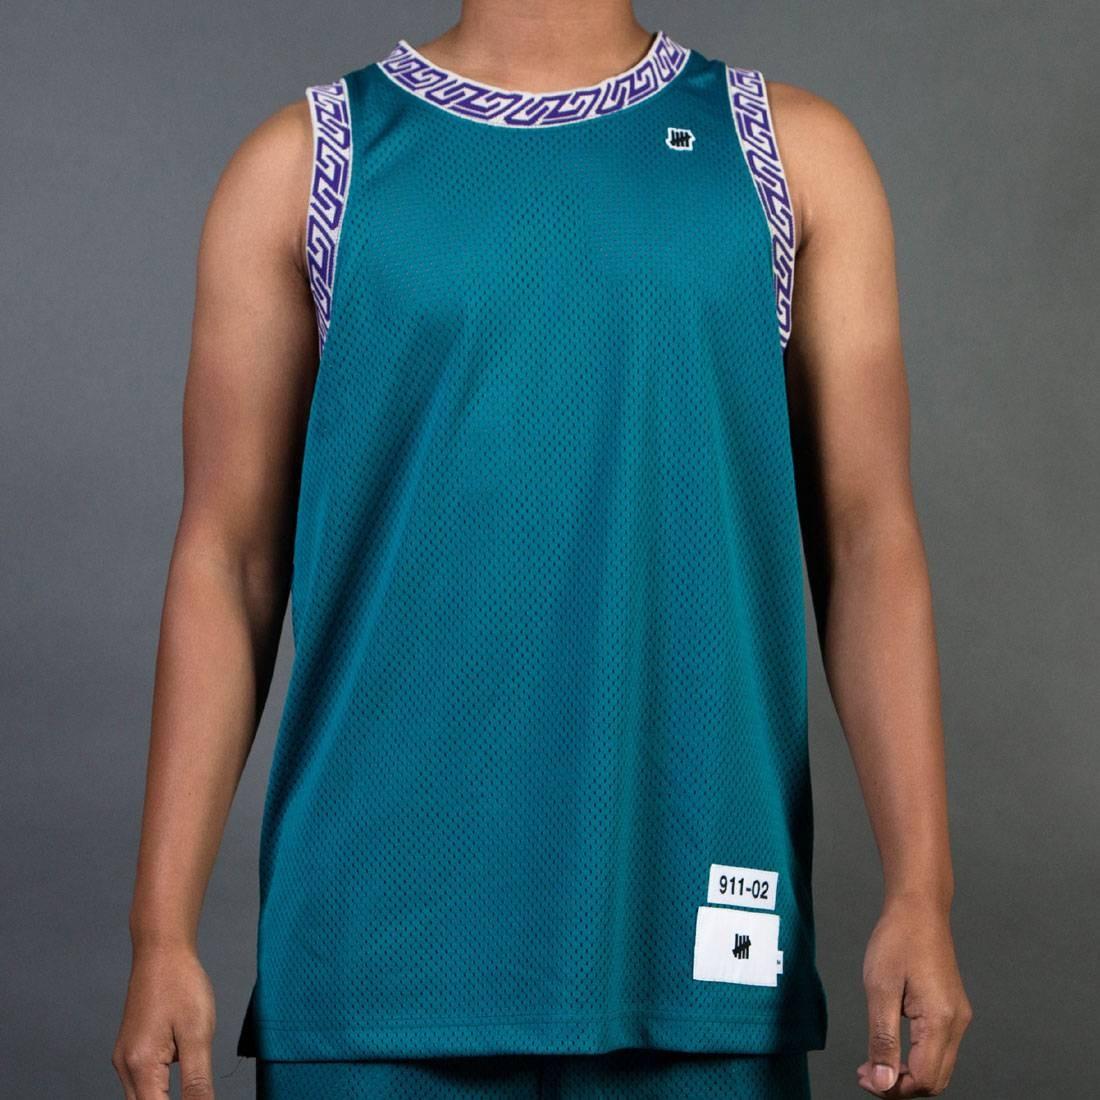 【海外限定】オーセンティック バスケットボール ジャージ JERSEY トップス トップス Tシャツ TEAL【 UNDEFEATED MEN AUTHENTIC BASKETBALL JERSEY TEAL GREEN】【送料無料】, possible:fd94a080 --- officewill.xsrv.jp